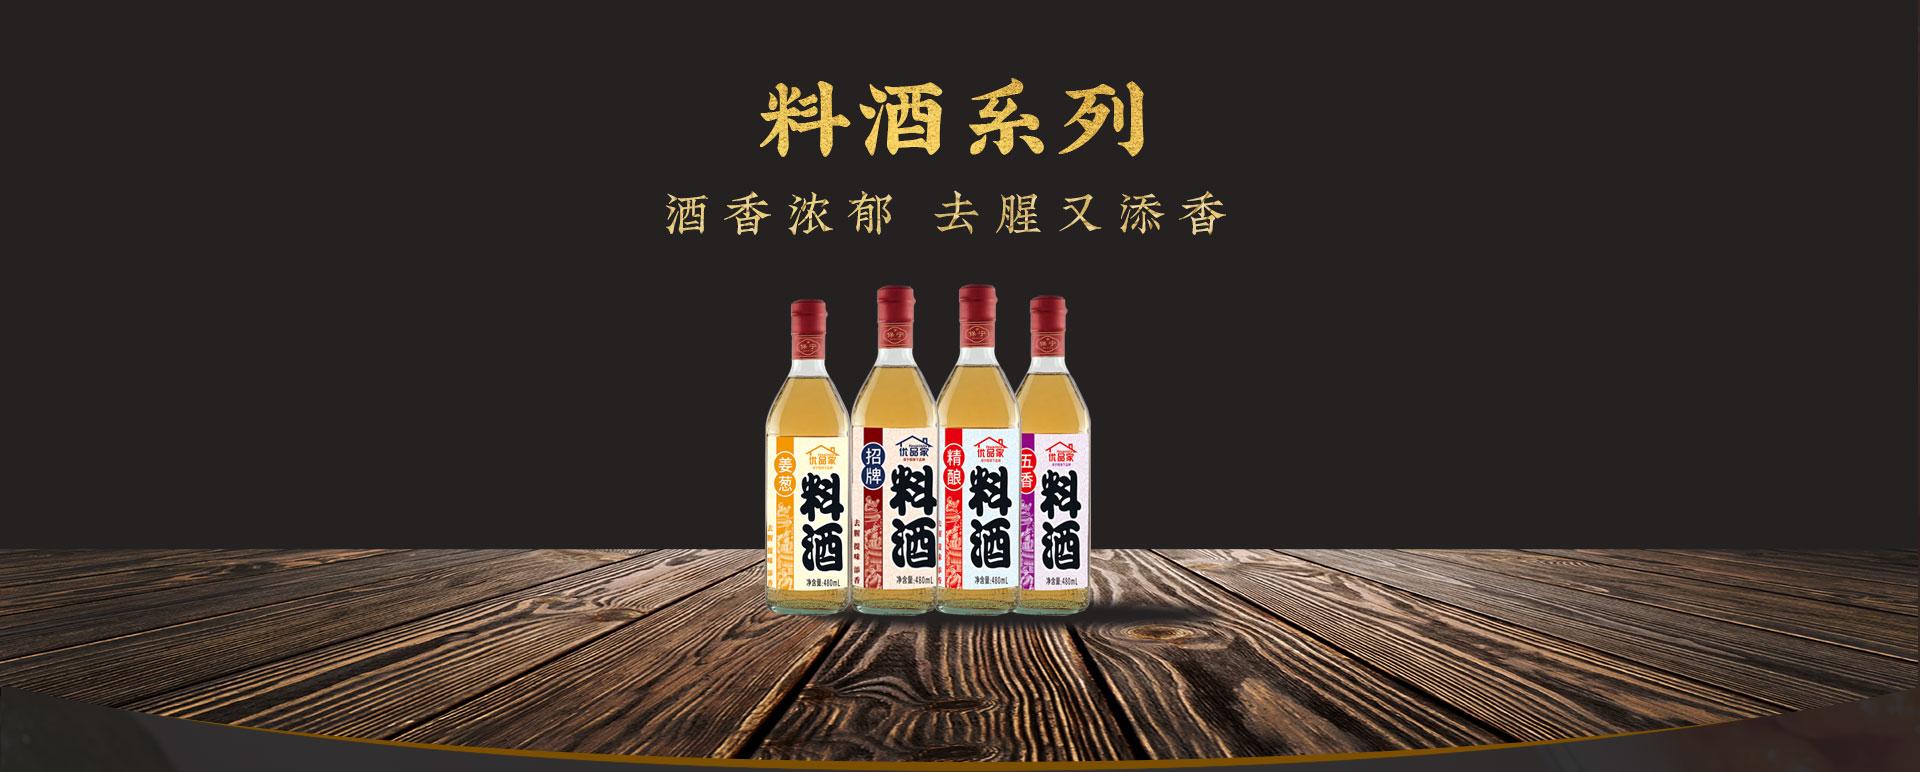 产品-料酒_01.jpg